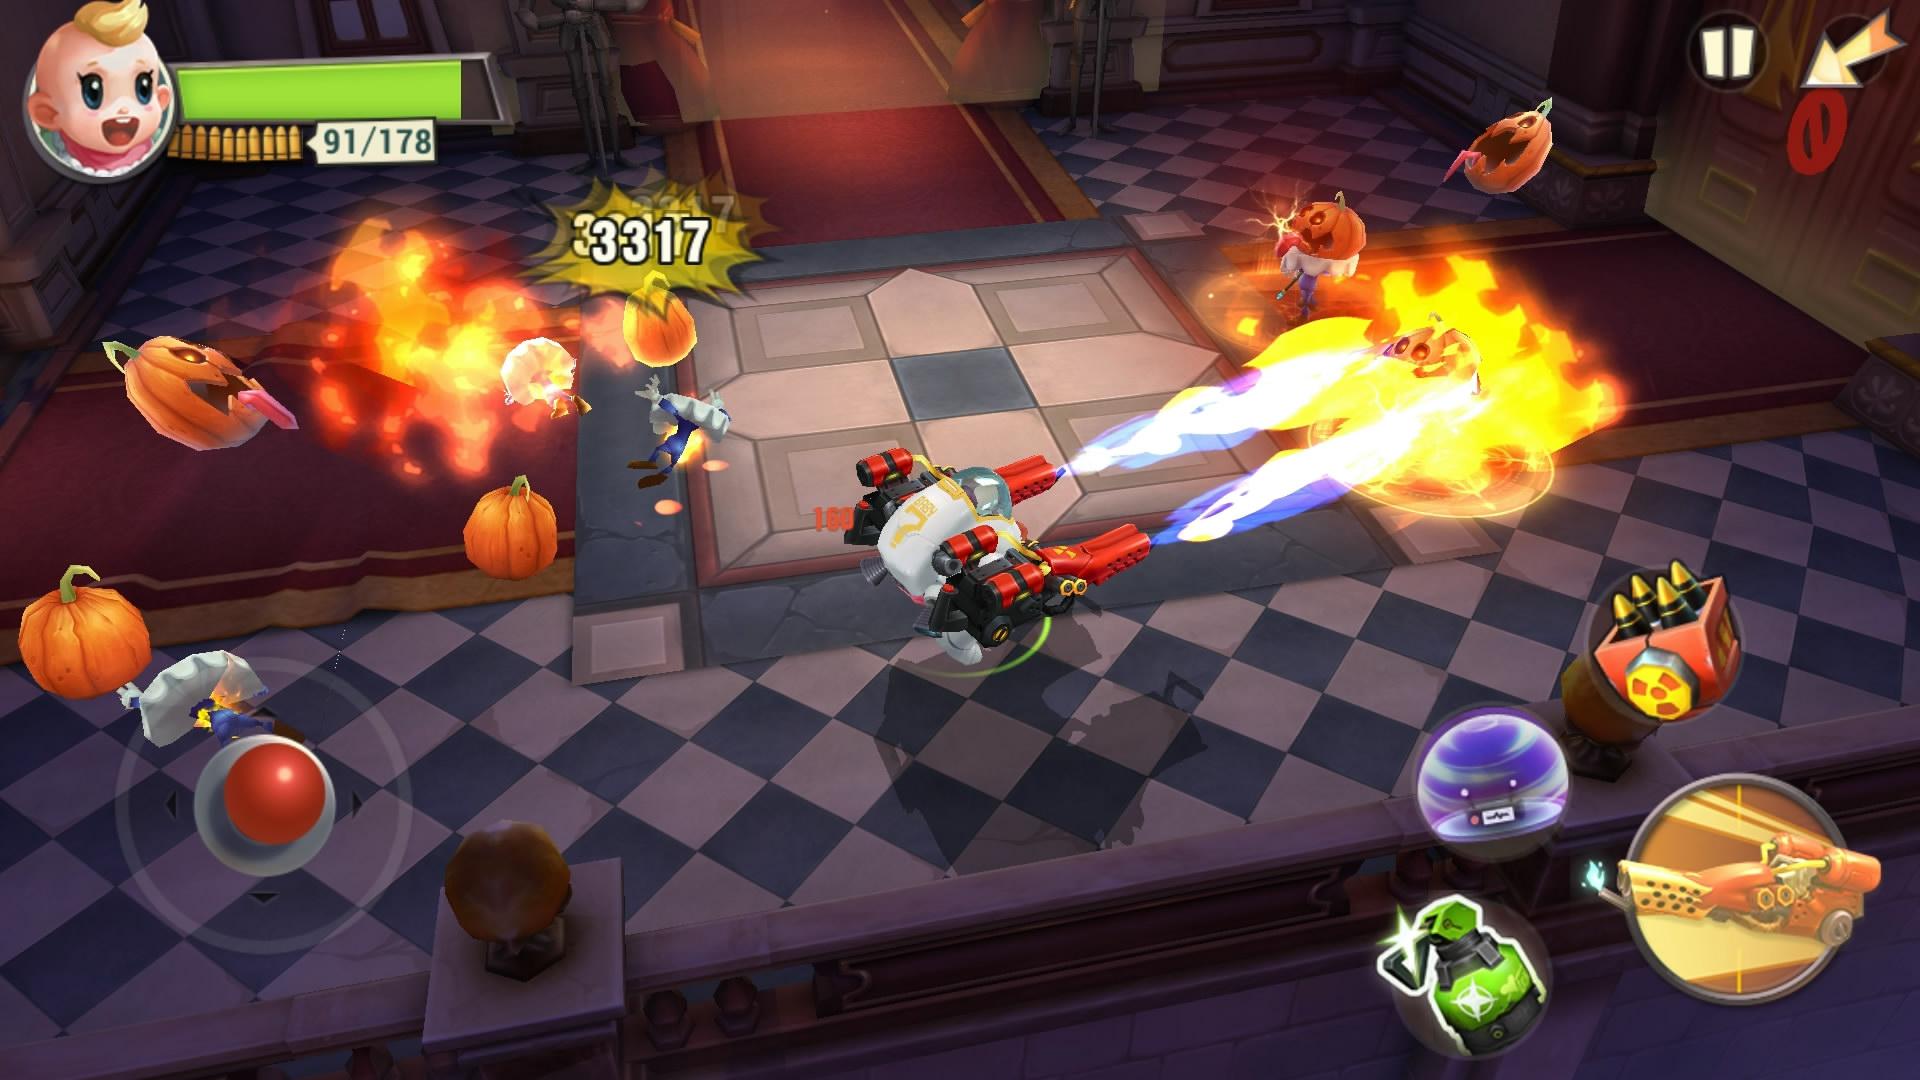 9哈利-火焰喷射